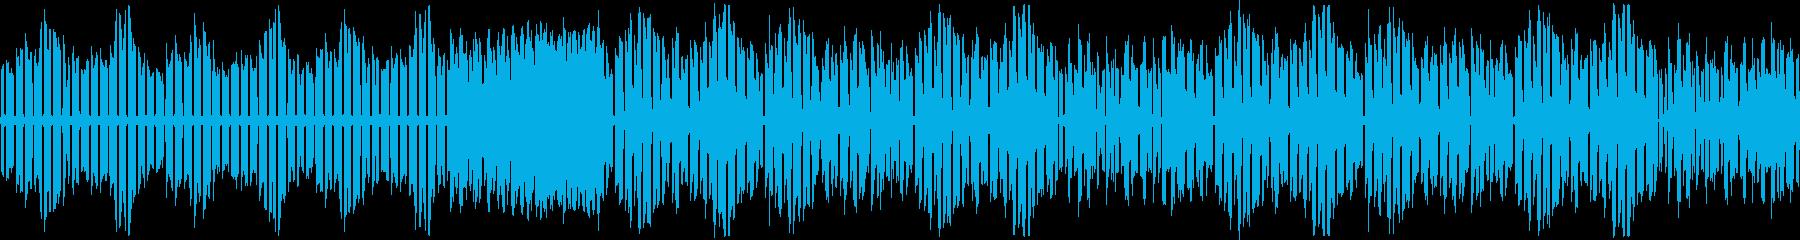 【浮遊感のある可愛いポップス】の再生済みの波形